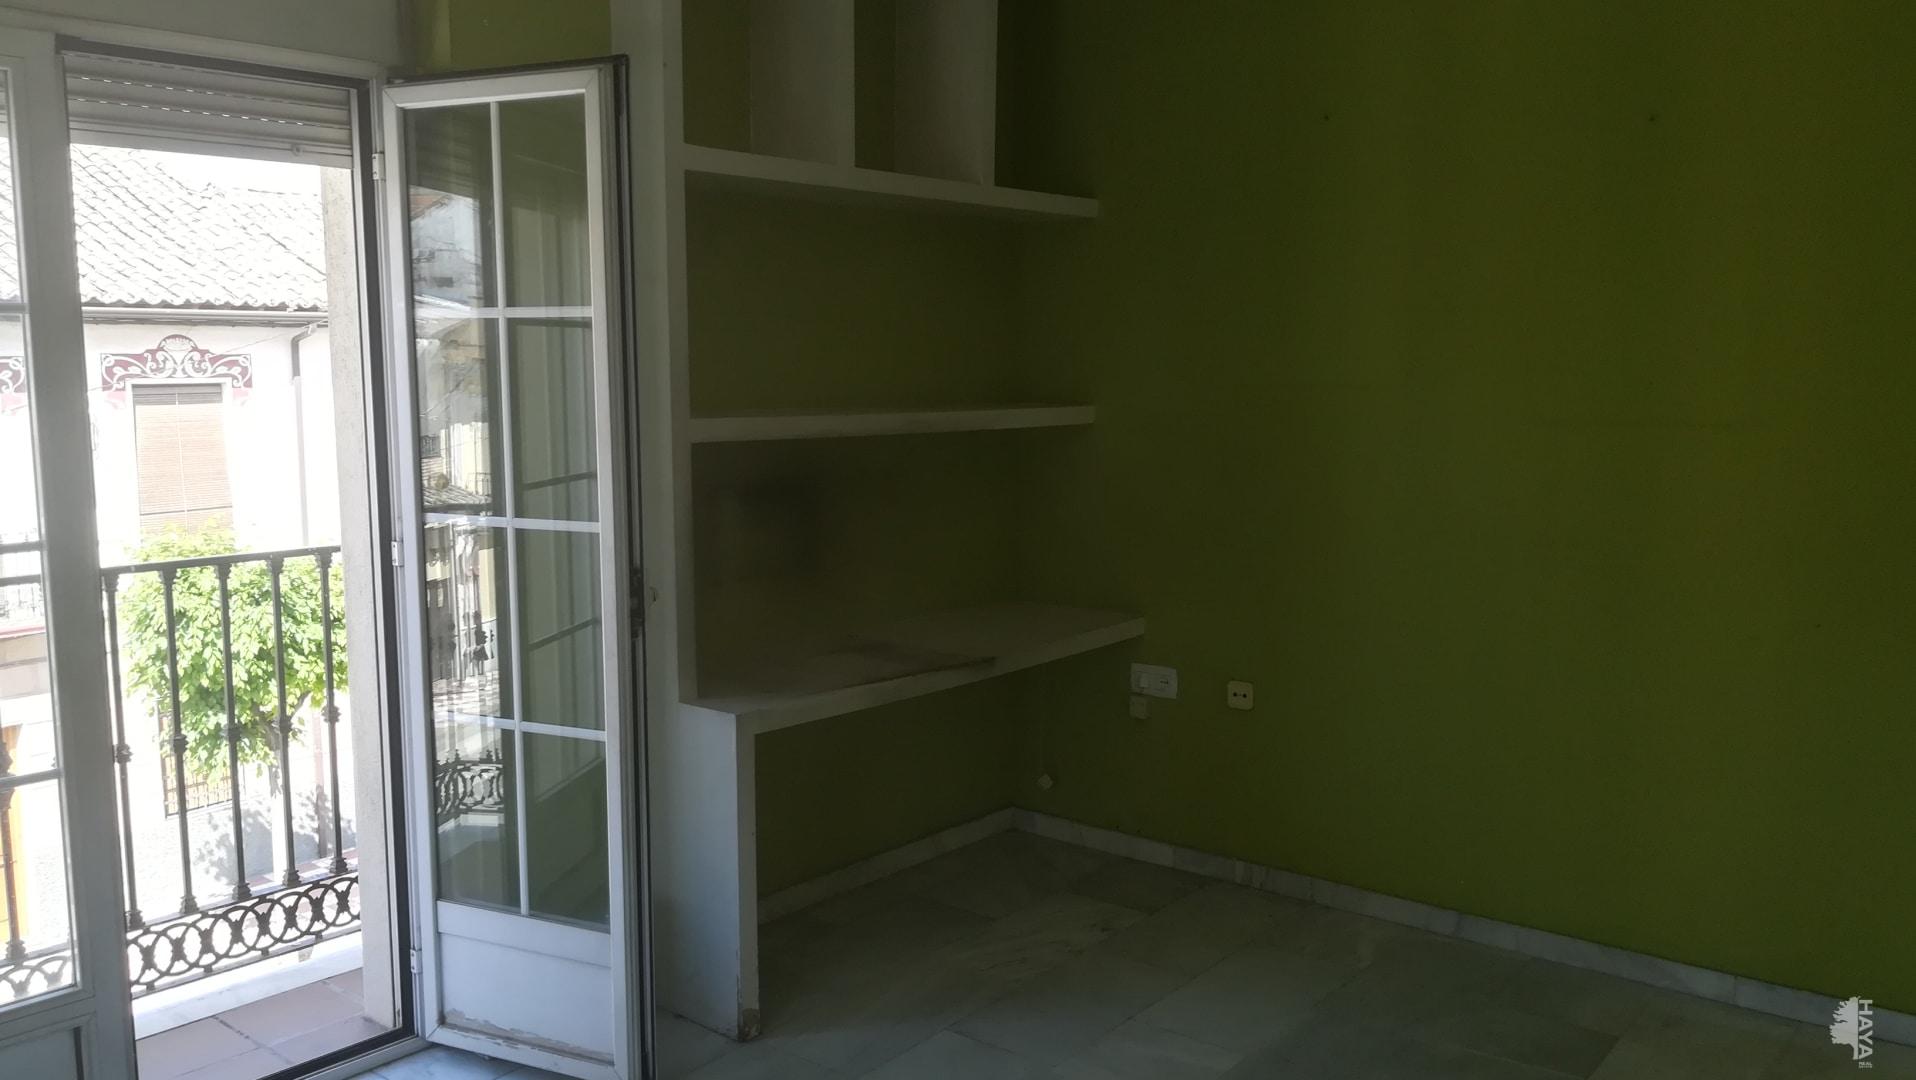 Piso en venta en Albolote, Granada, Plaza de los Naranjos, 54.677 €, 2 habitaciones, 1 baño, 75 m2